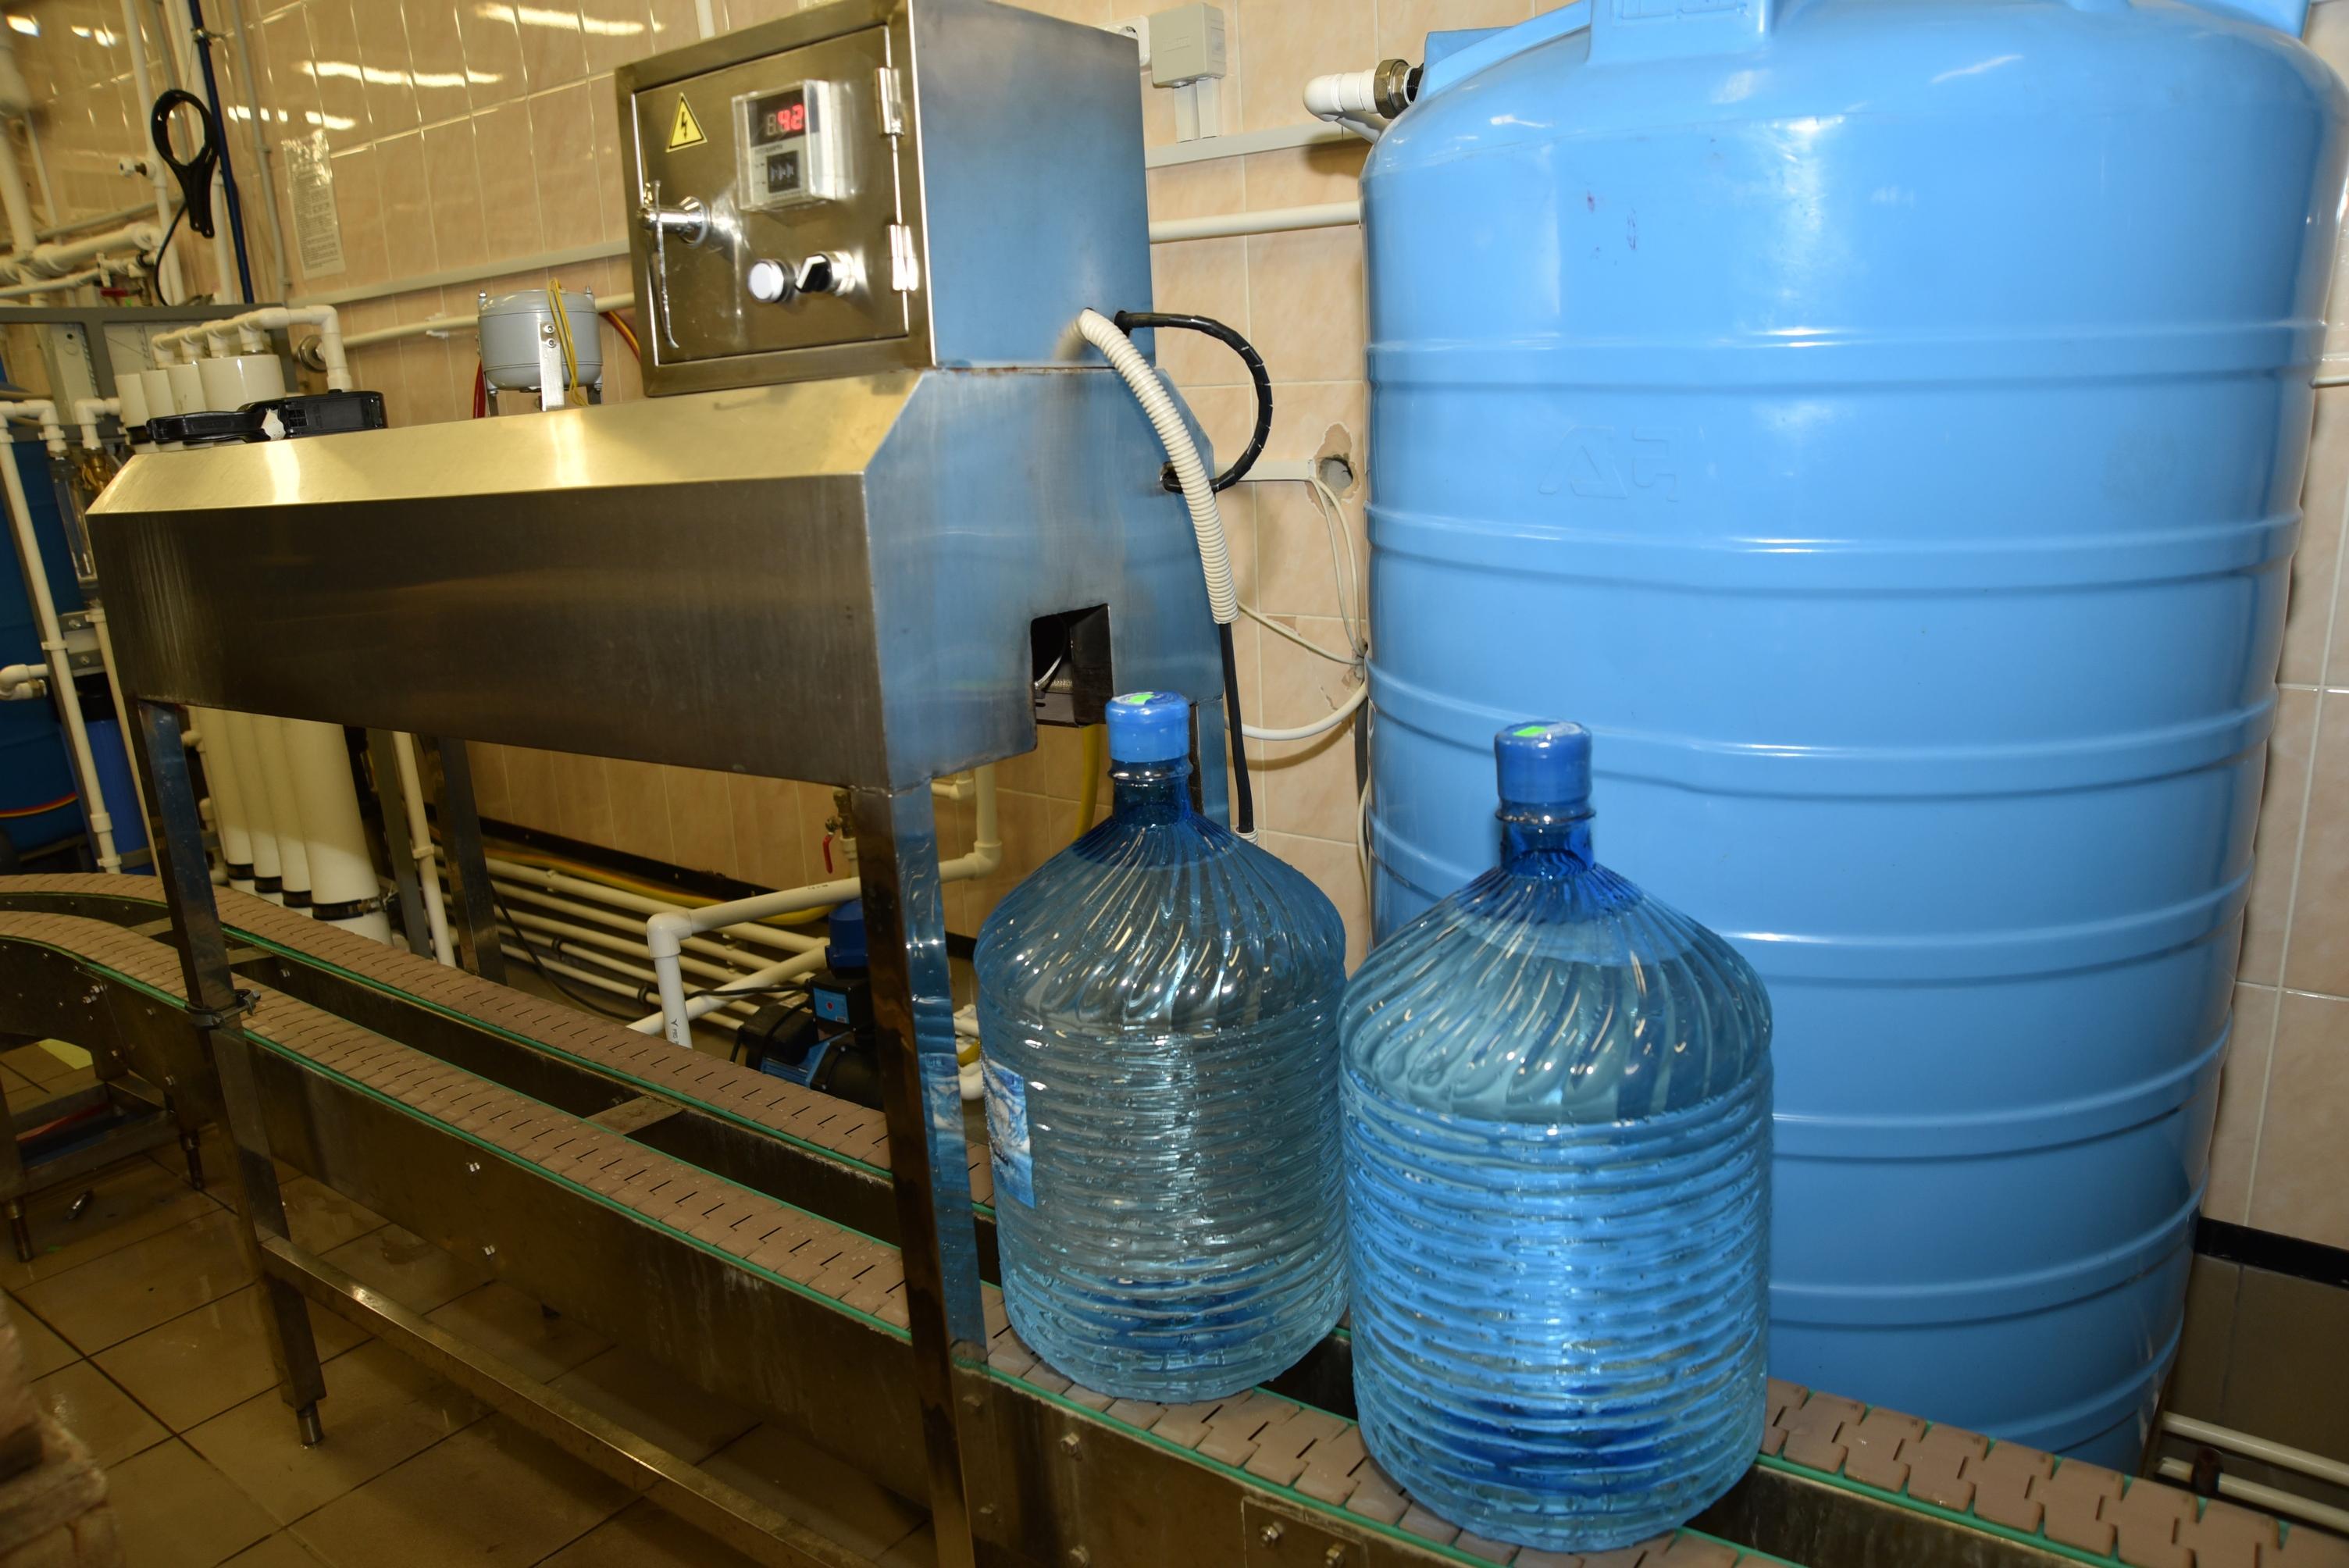 Минерализацию доводят до нормы - до 1 грамма минеральных солей на литр